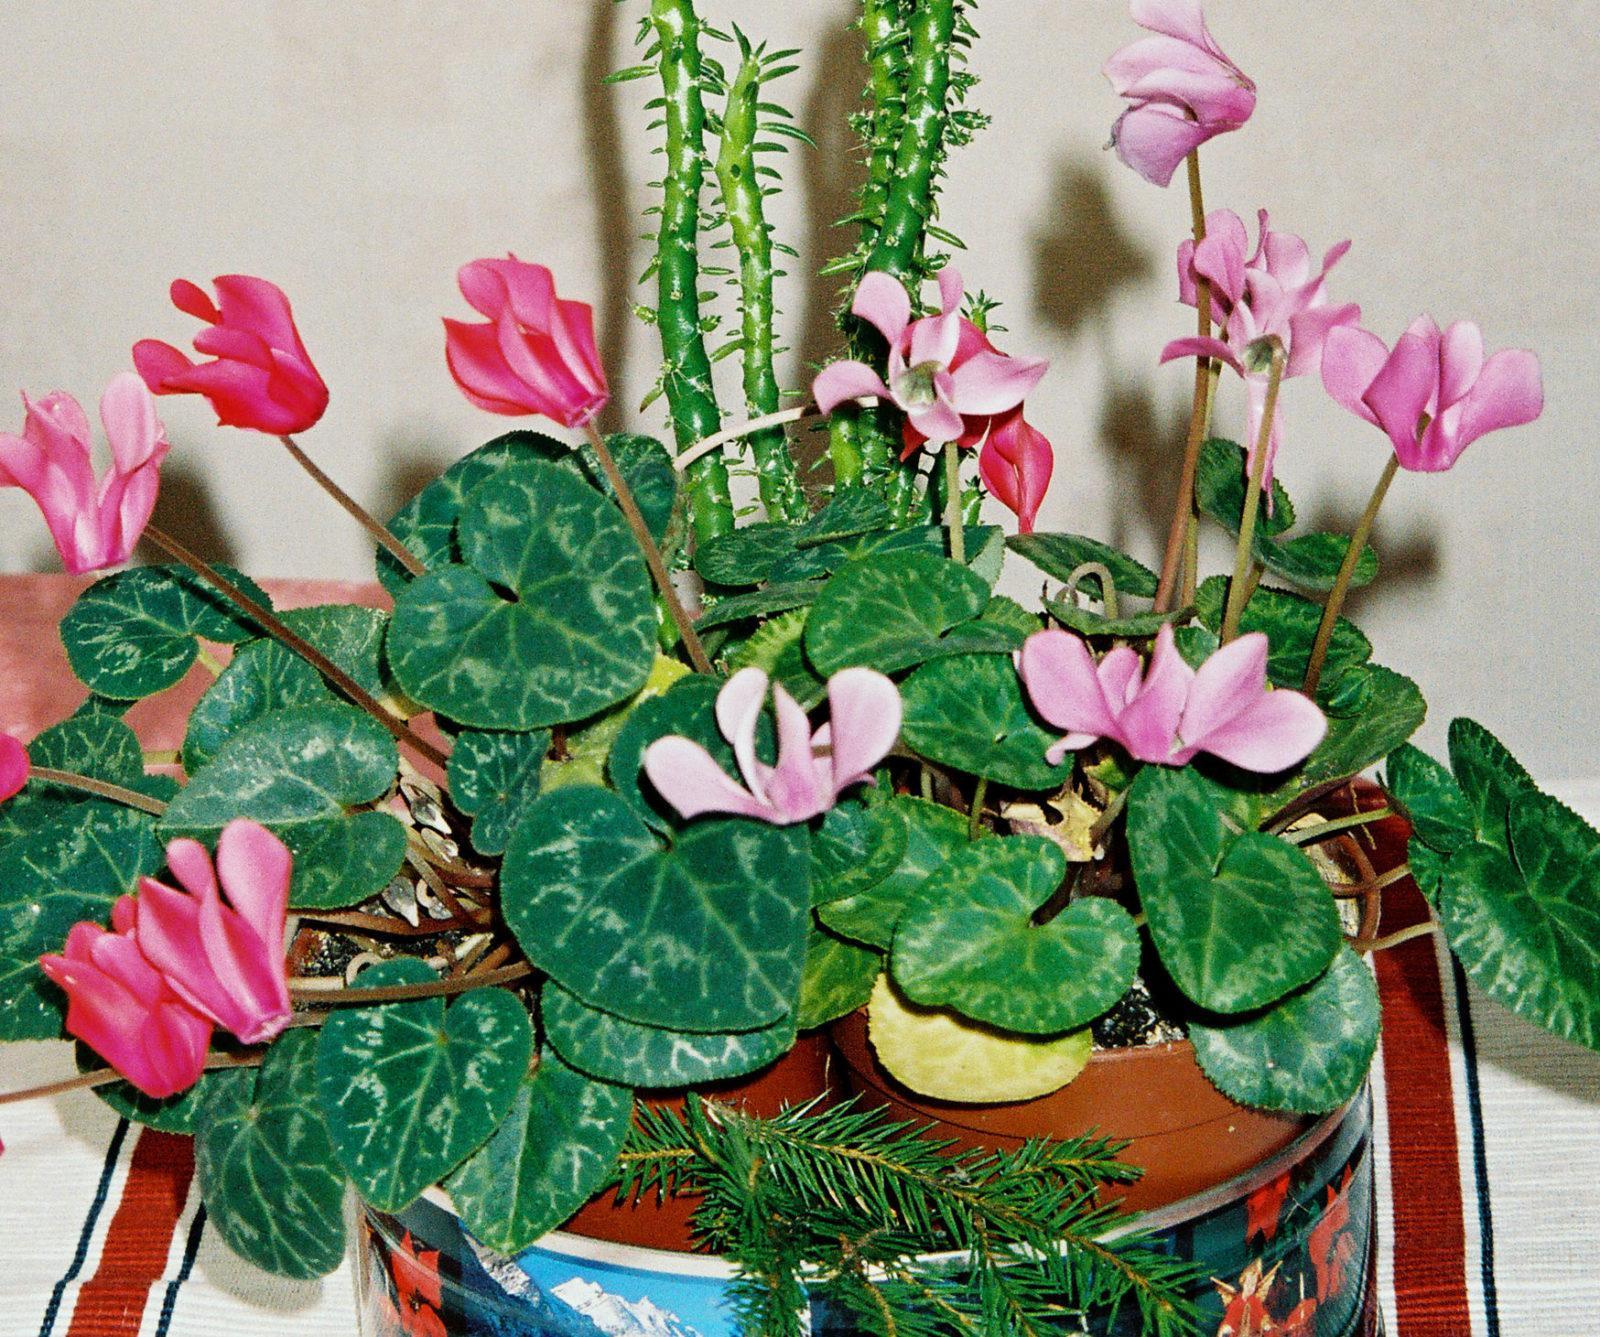 ЦИКЛАМЕН: цветок и лекарство